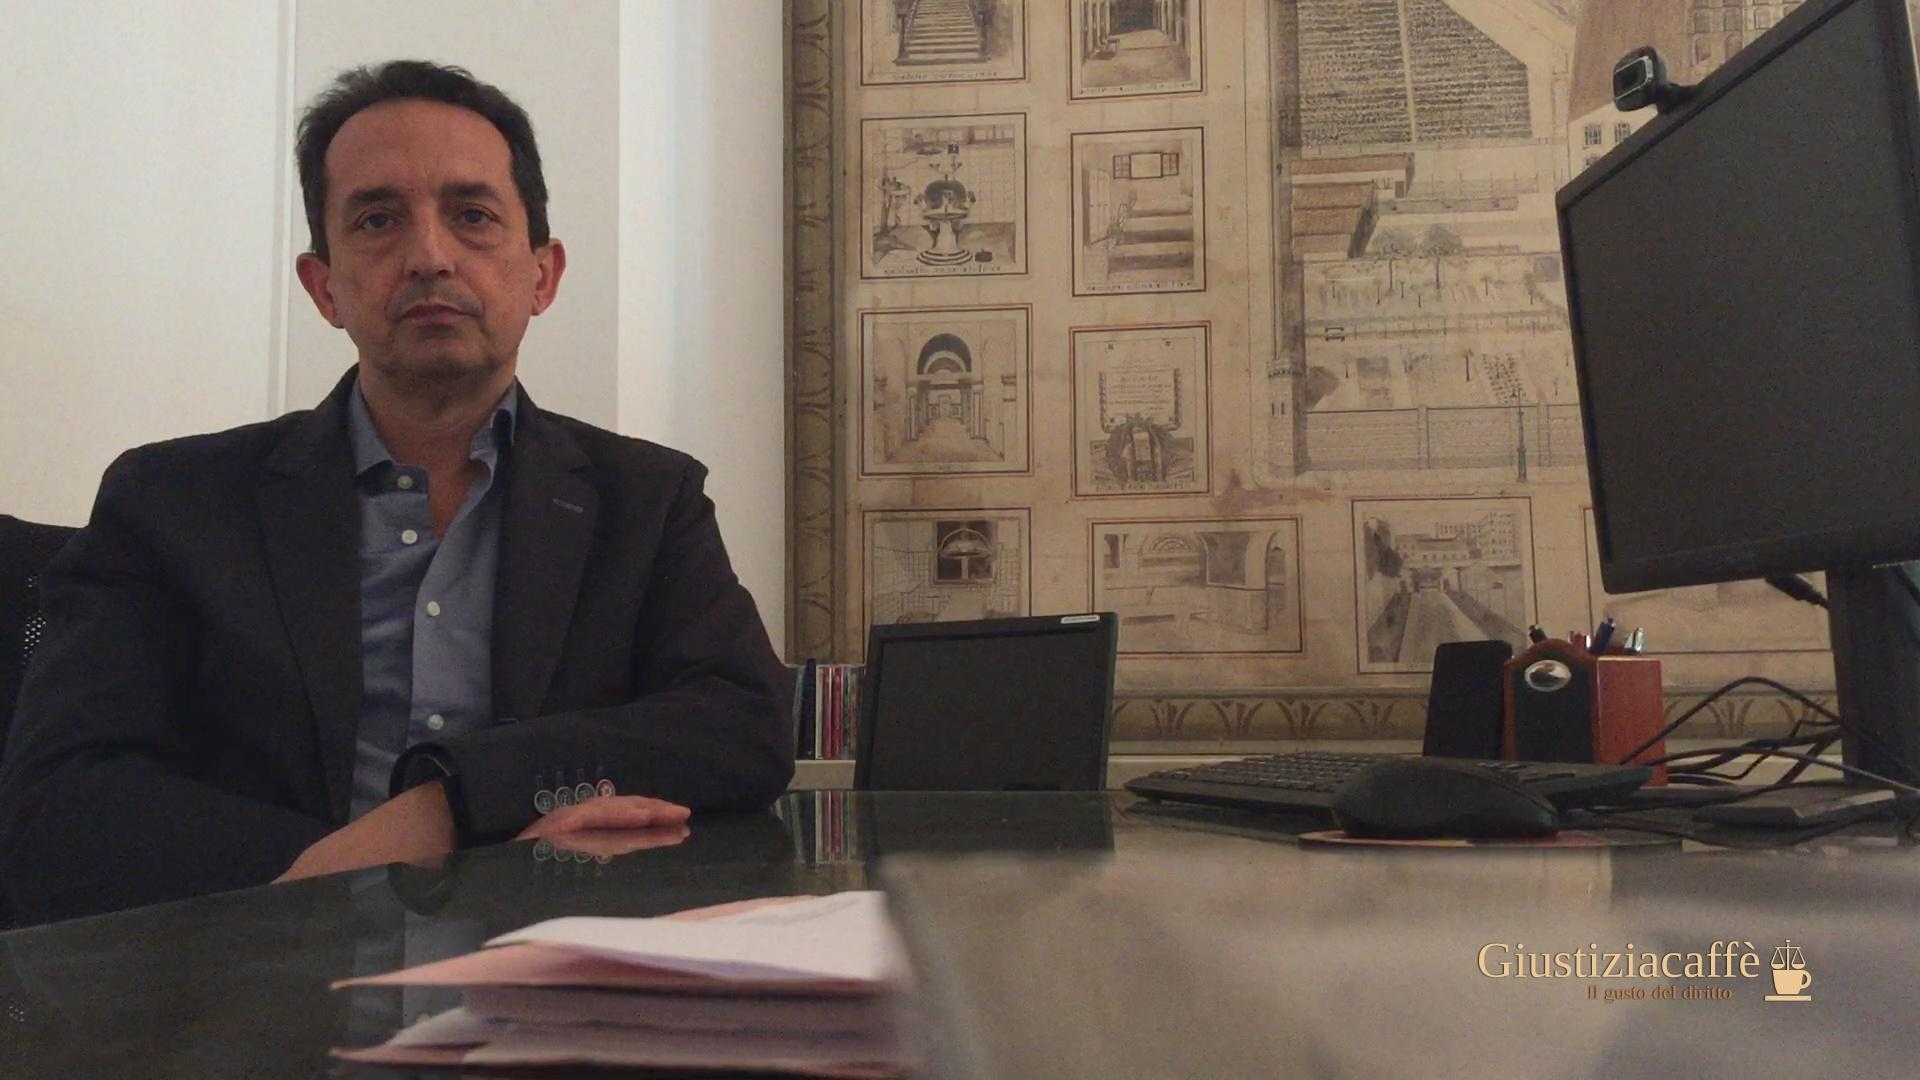 La Camera Penale Milano ha incontrato il direttore casa circondariale di San Vittore, Giacinto Siciliano